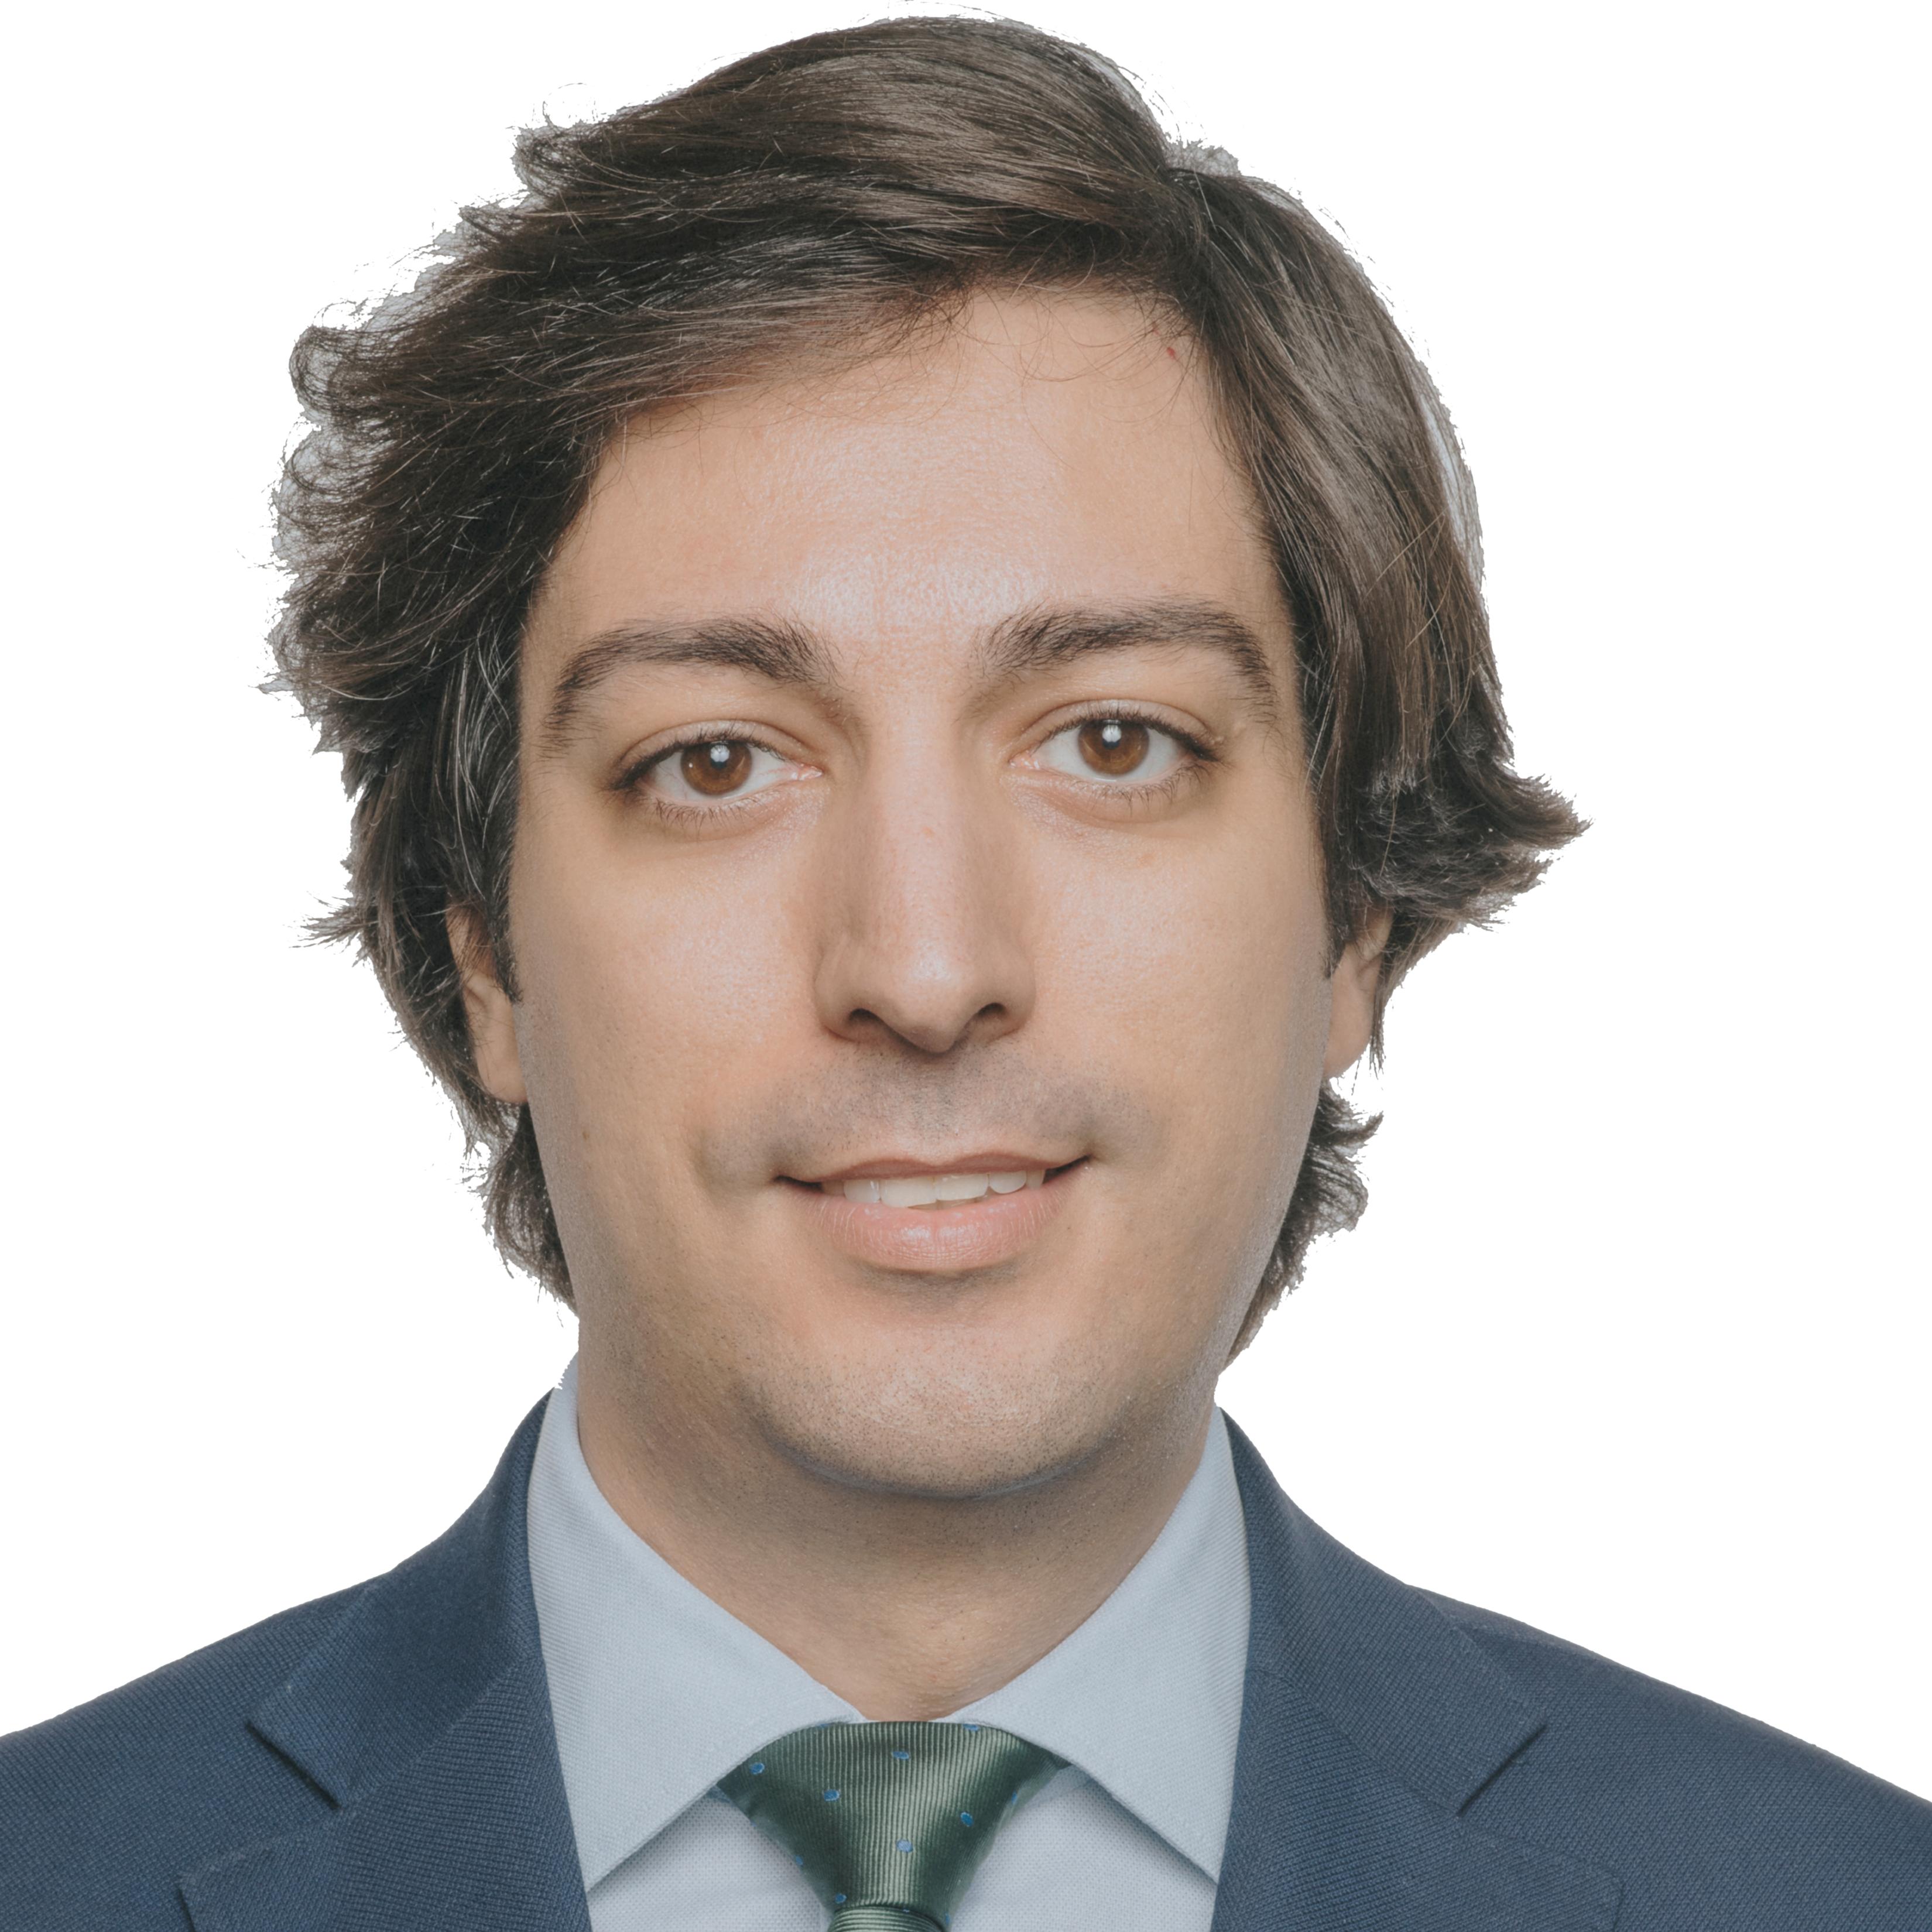 Esteban Claramonte